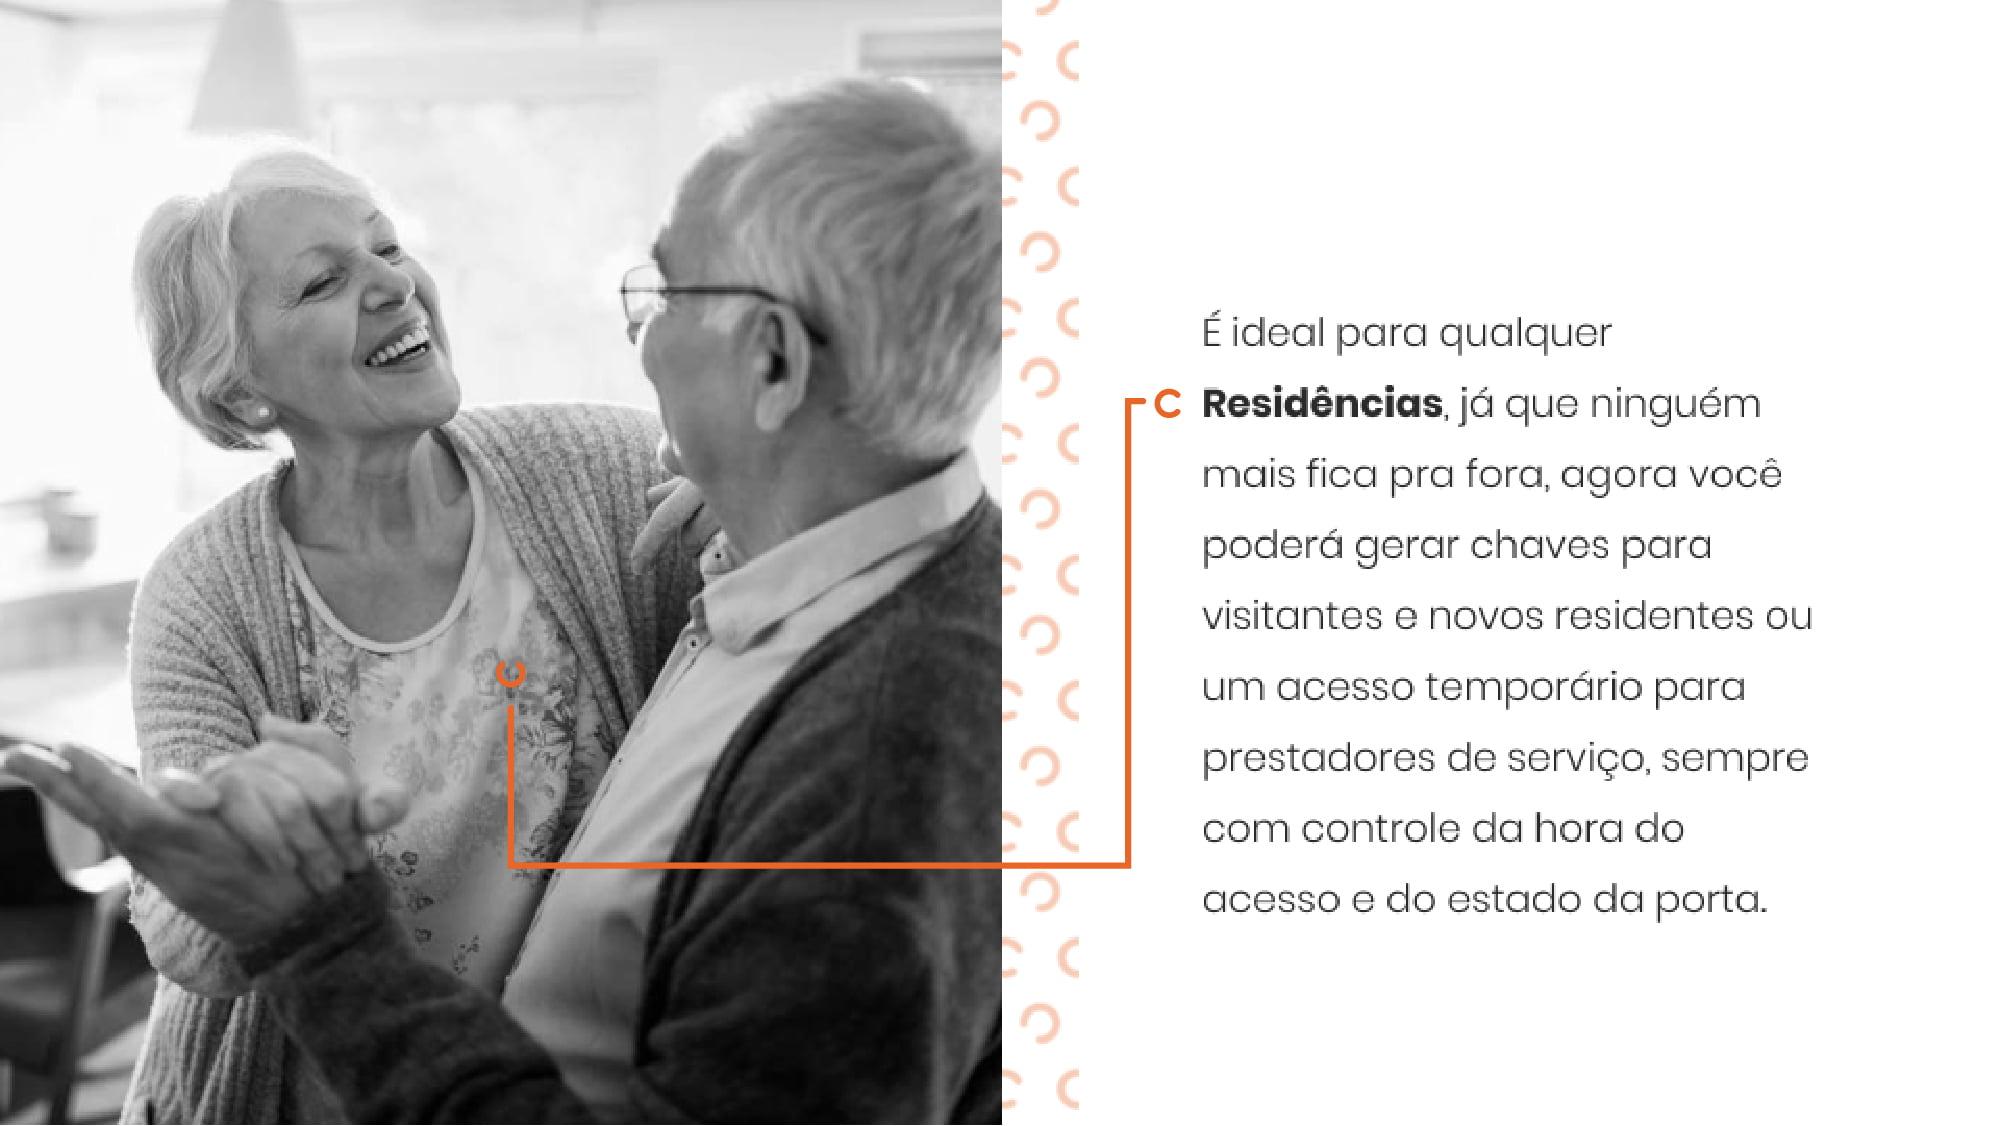 CHAVI - Residencia-01